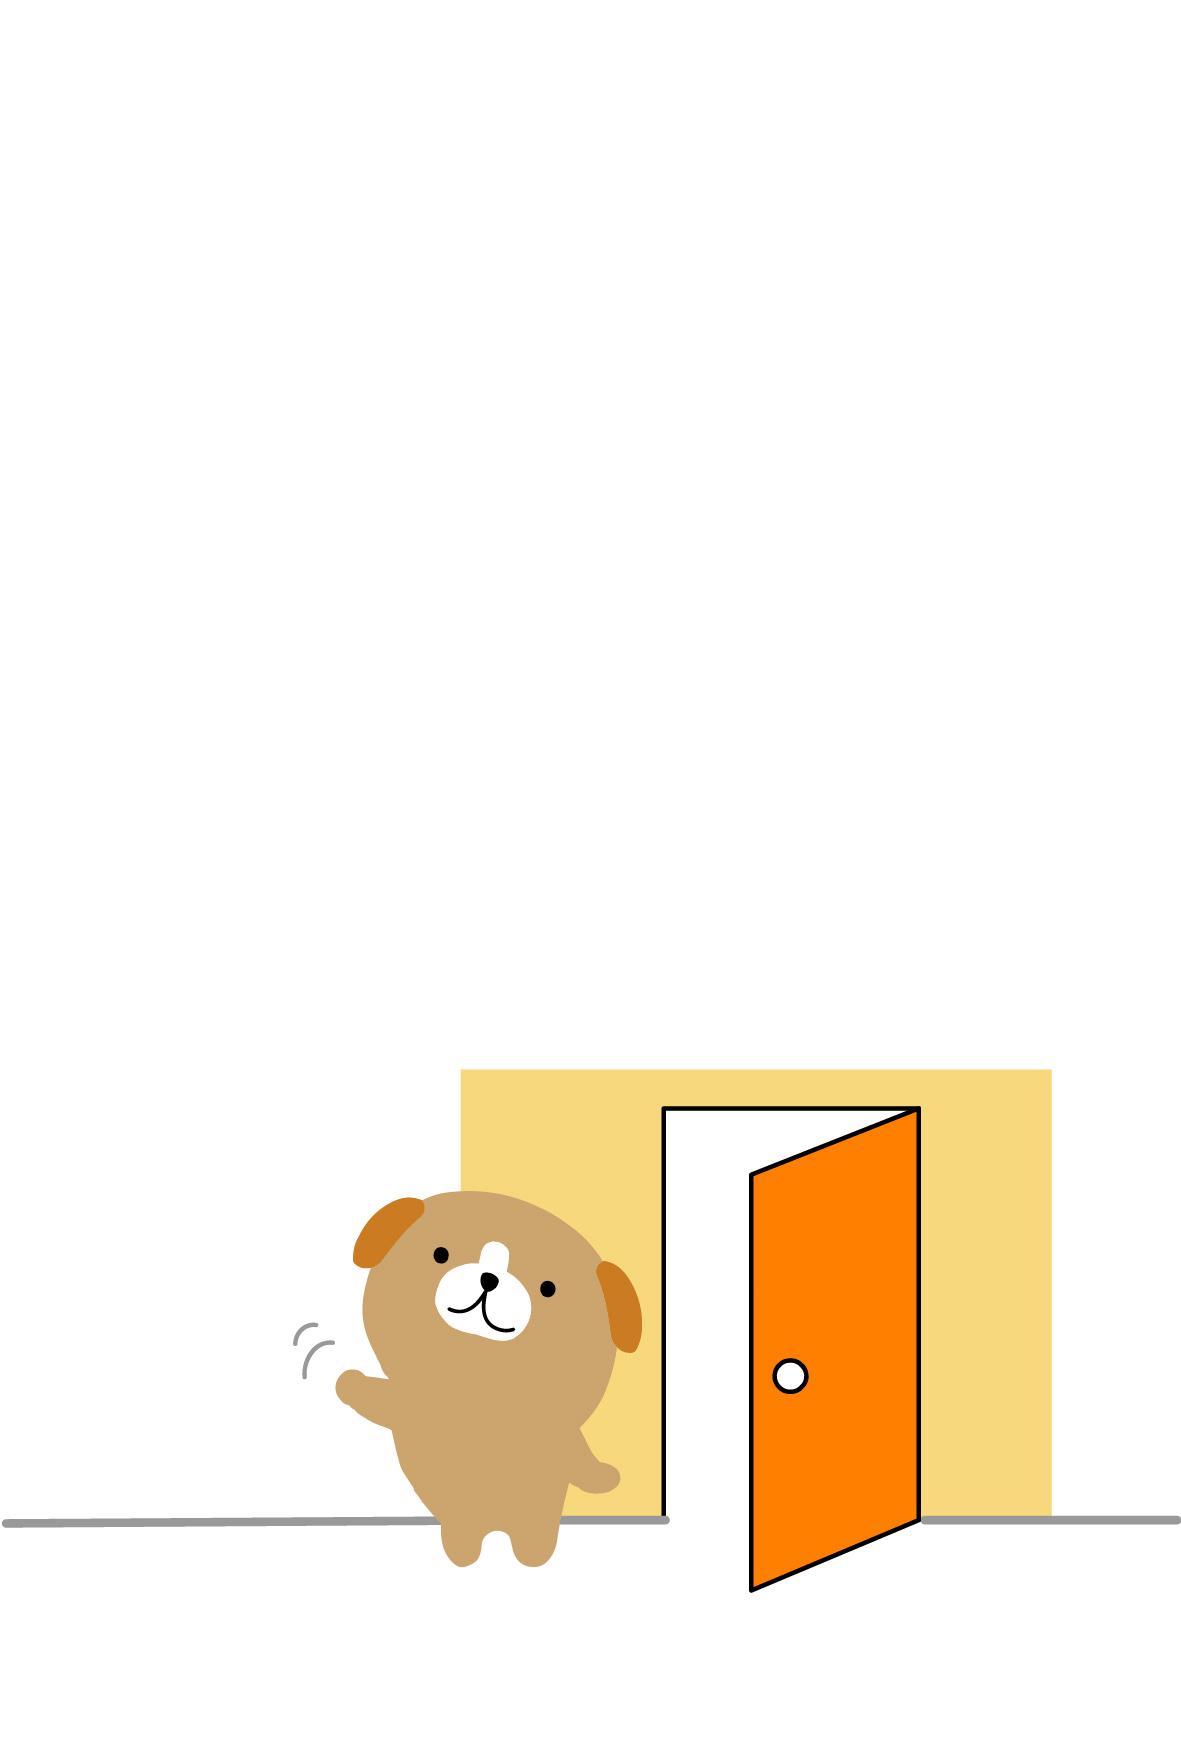 引っ越しはがき・転居報告はがき・無料素材/わんことドア